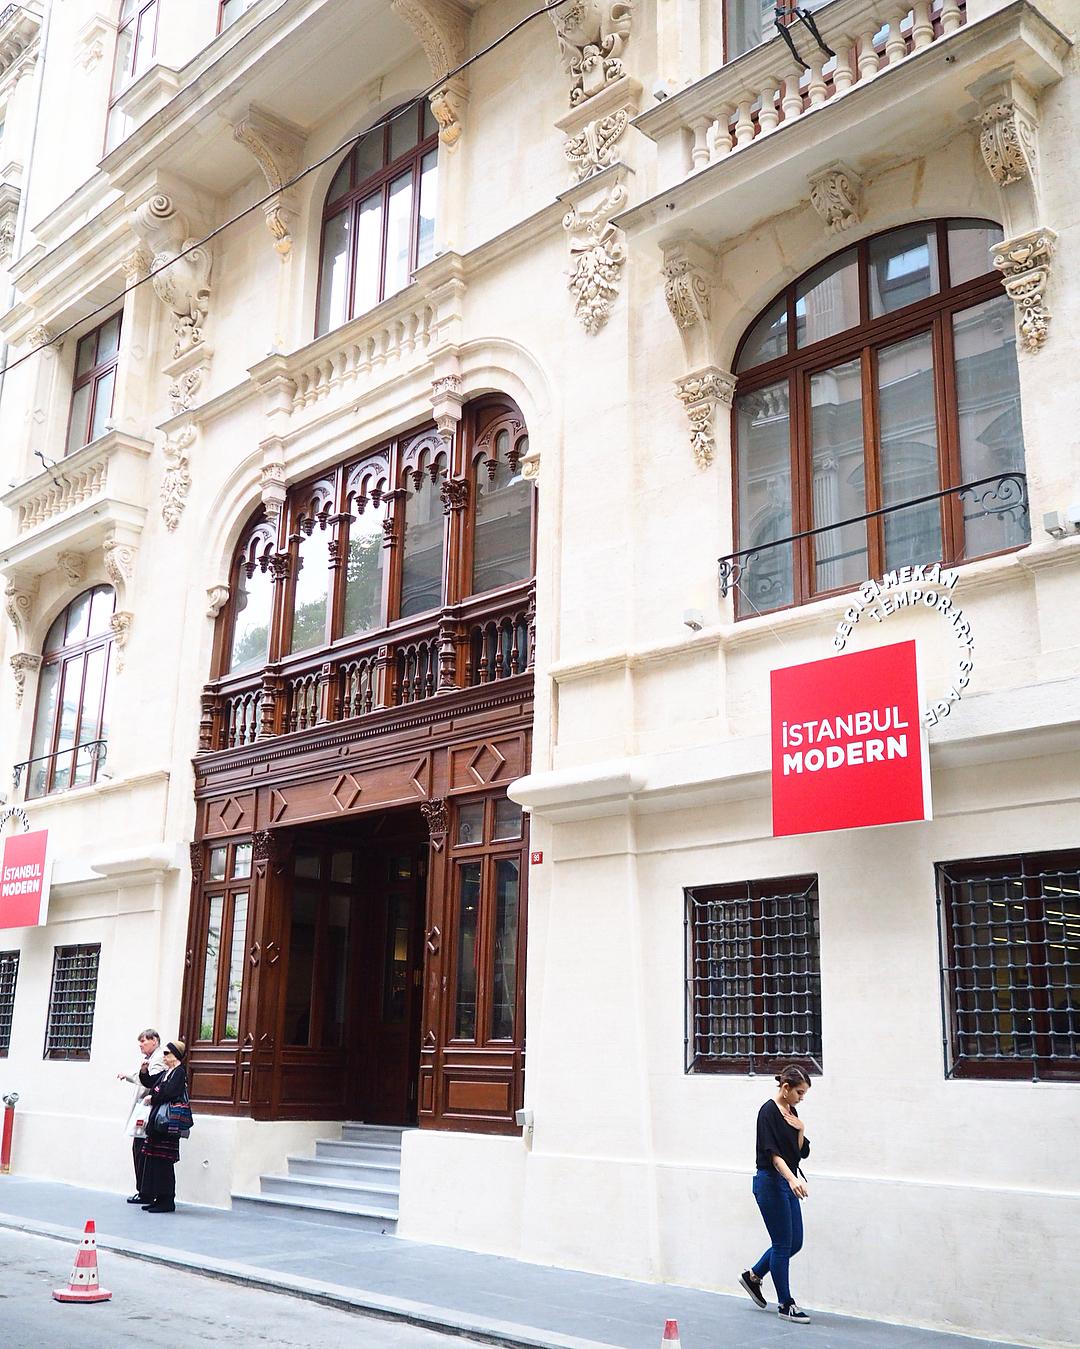 istanbul Müzeler - İstanbul Modern